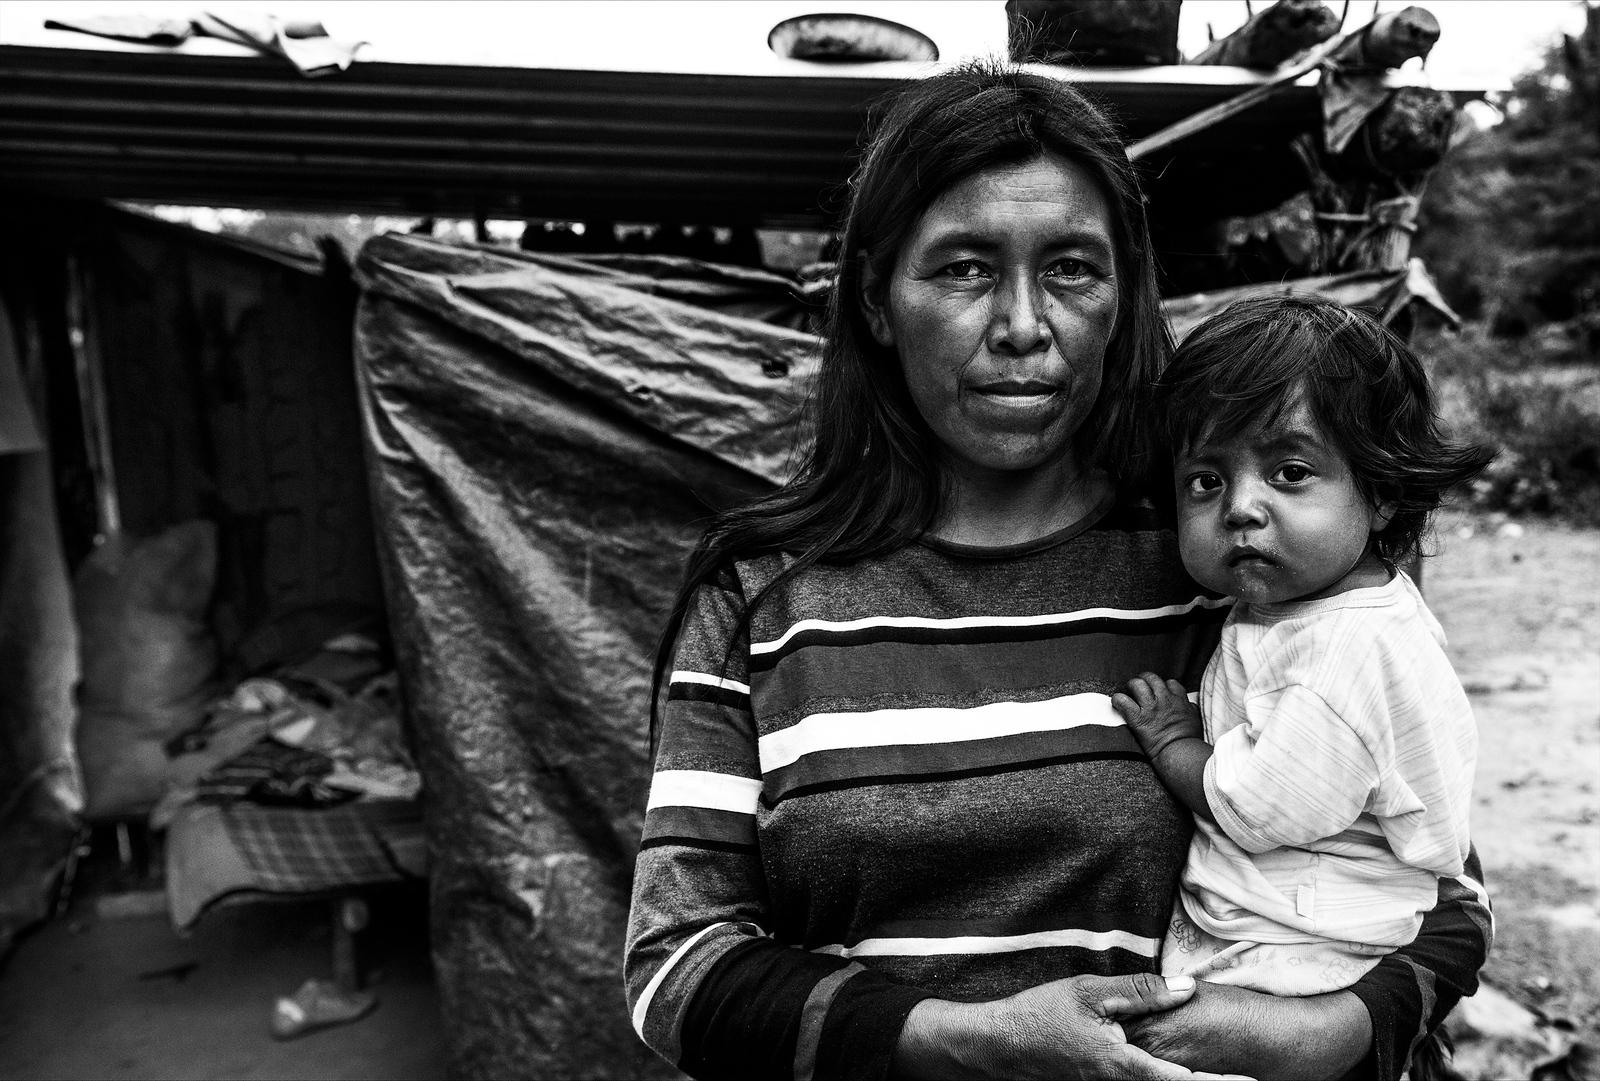 Andres y su mamá, en la puerta de su casa / Andres and his mother, at the door of their house